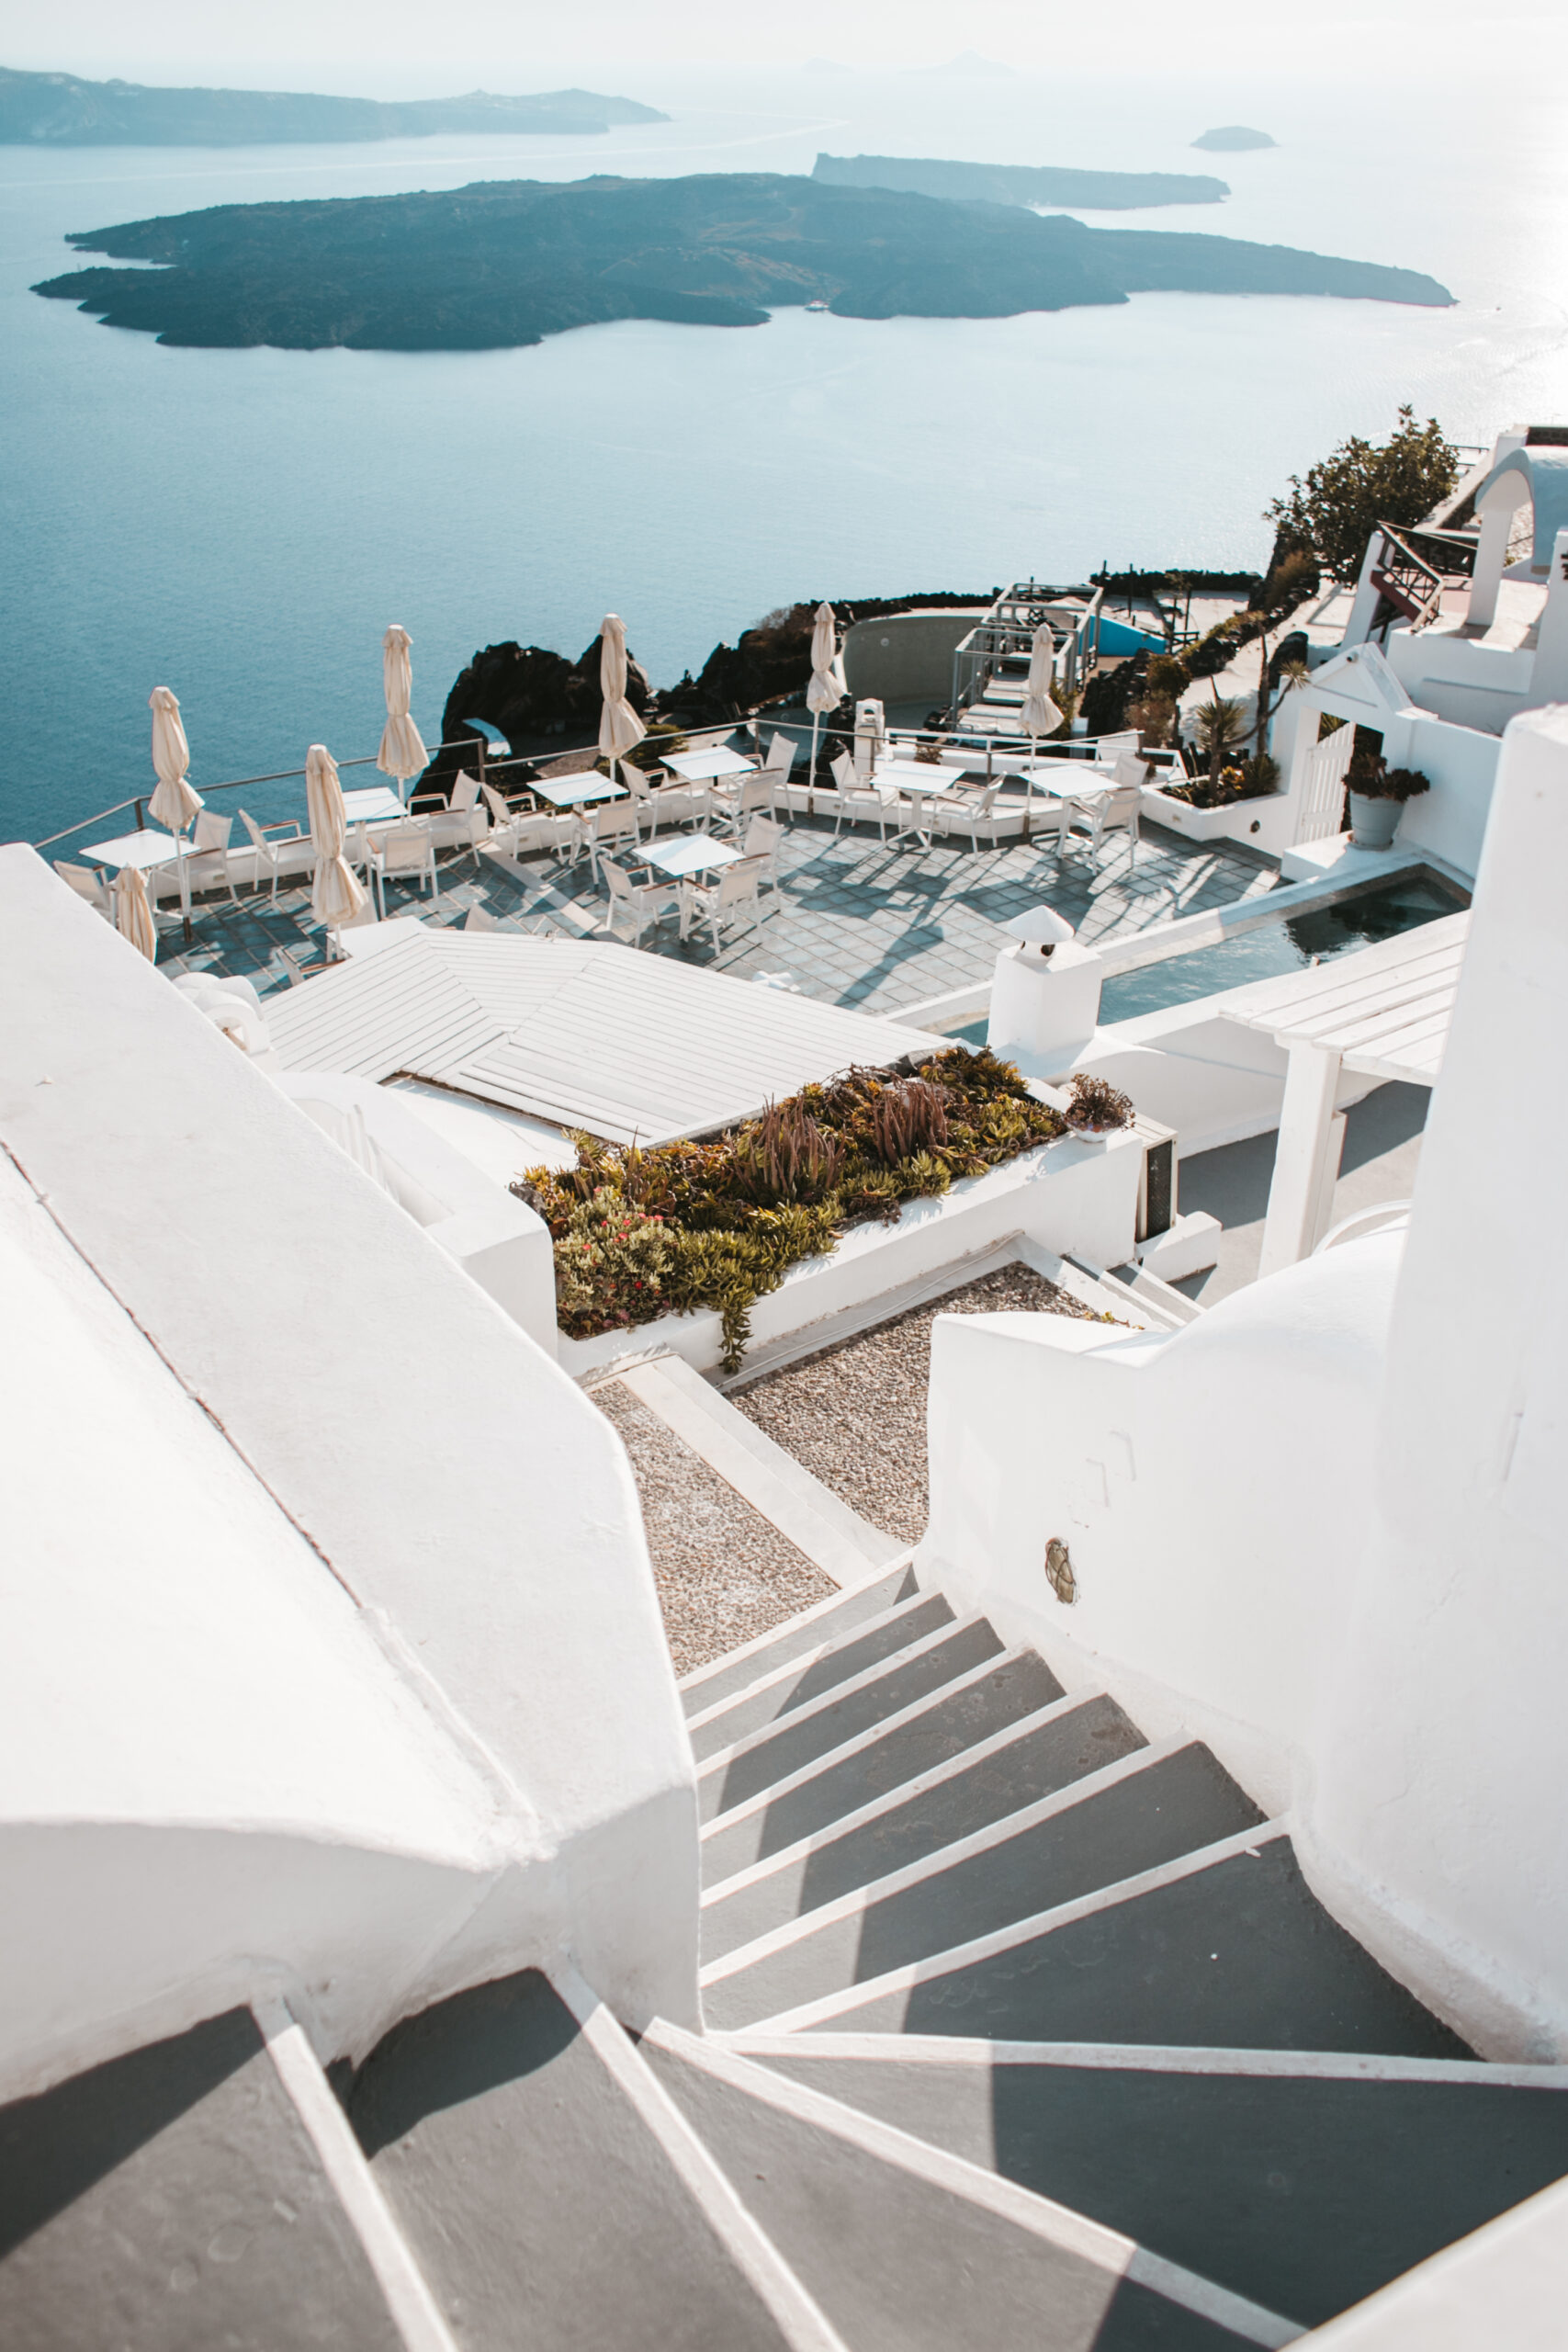 Santorini restaurant, restauracja Santorini, wulkan Santorini, wyspa Santorini, atrakcje, co zobaczyć, restauracja z widokiem na wulkan Santorini